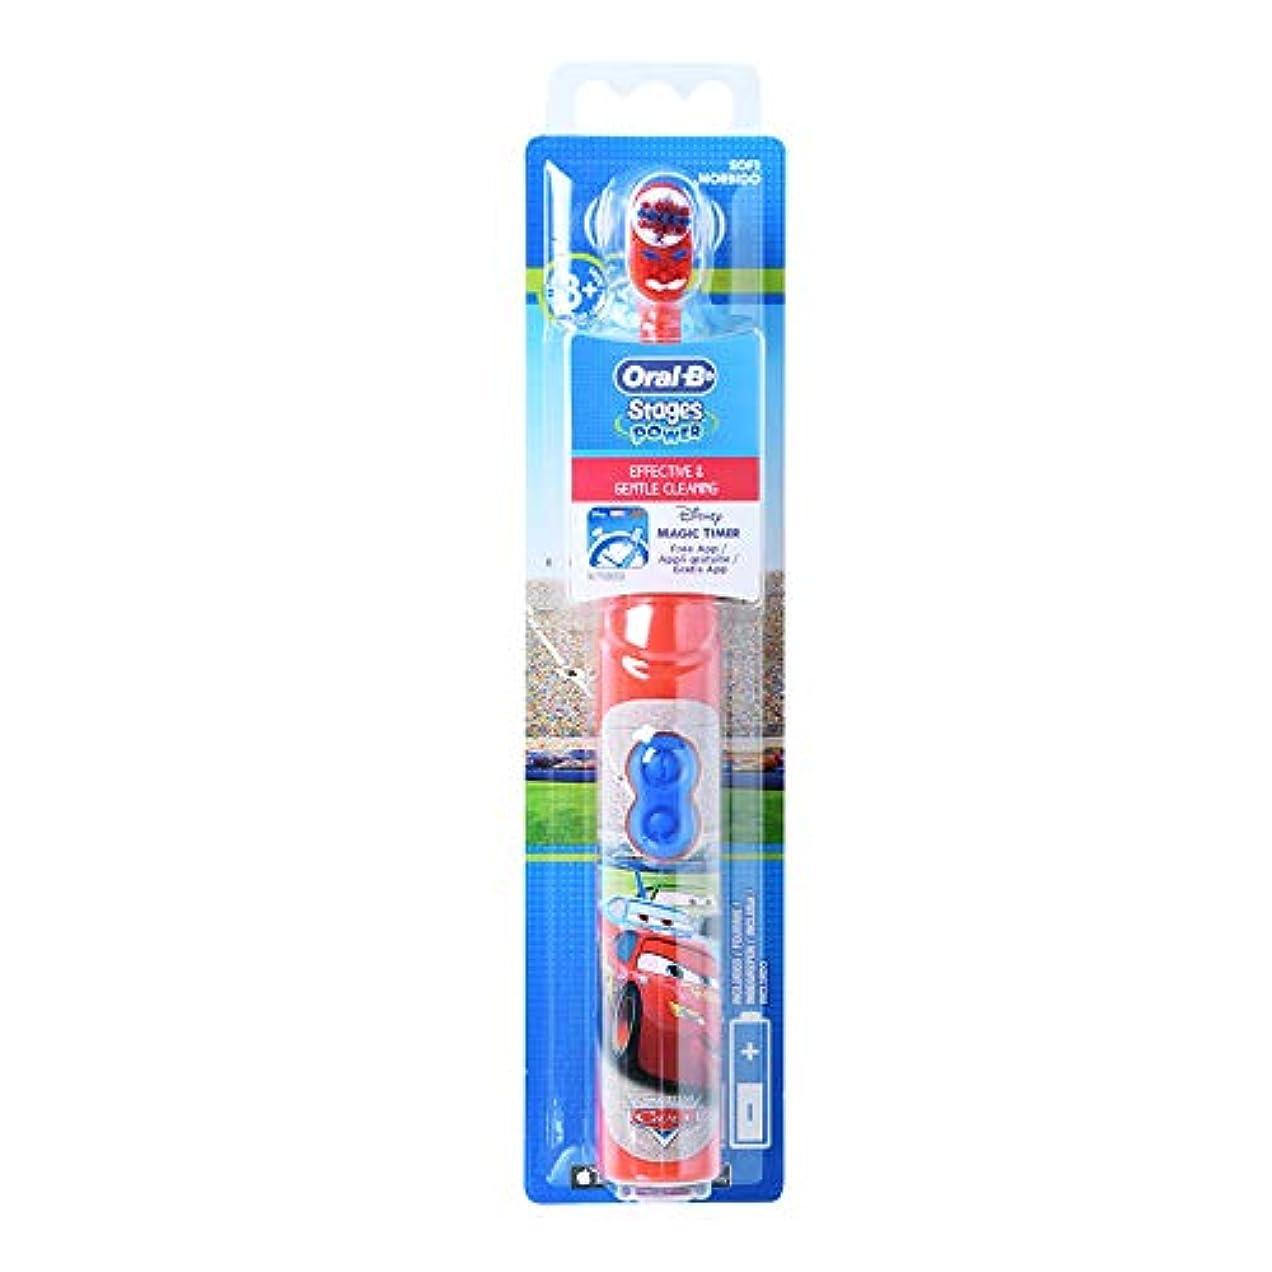 ペチコート受け皿賃金Oral-B DB3010 Stages Power Disney Car 電動歯ブラシ [並行輸入品]